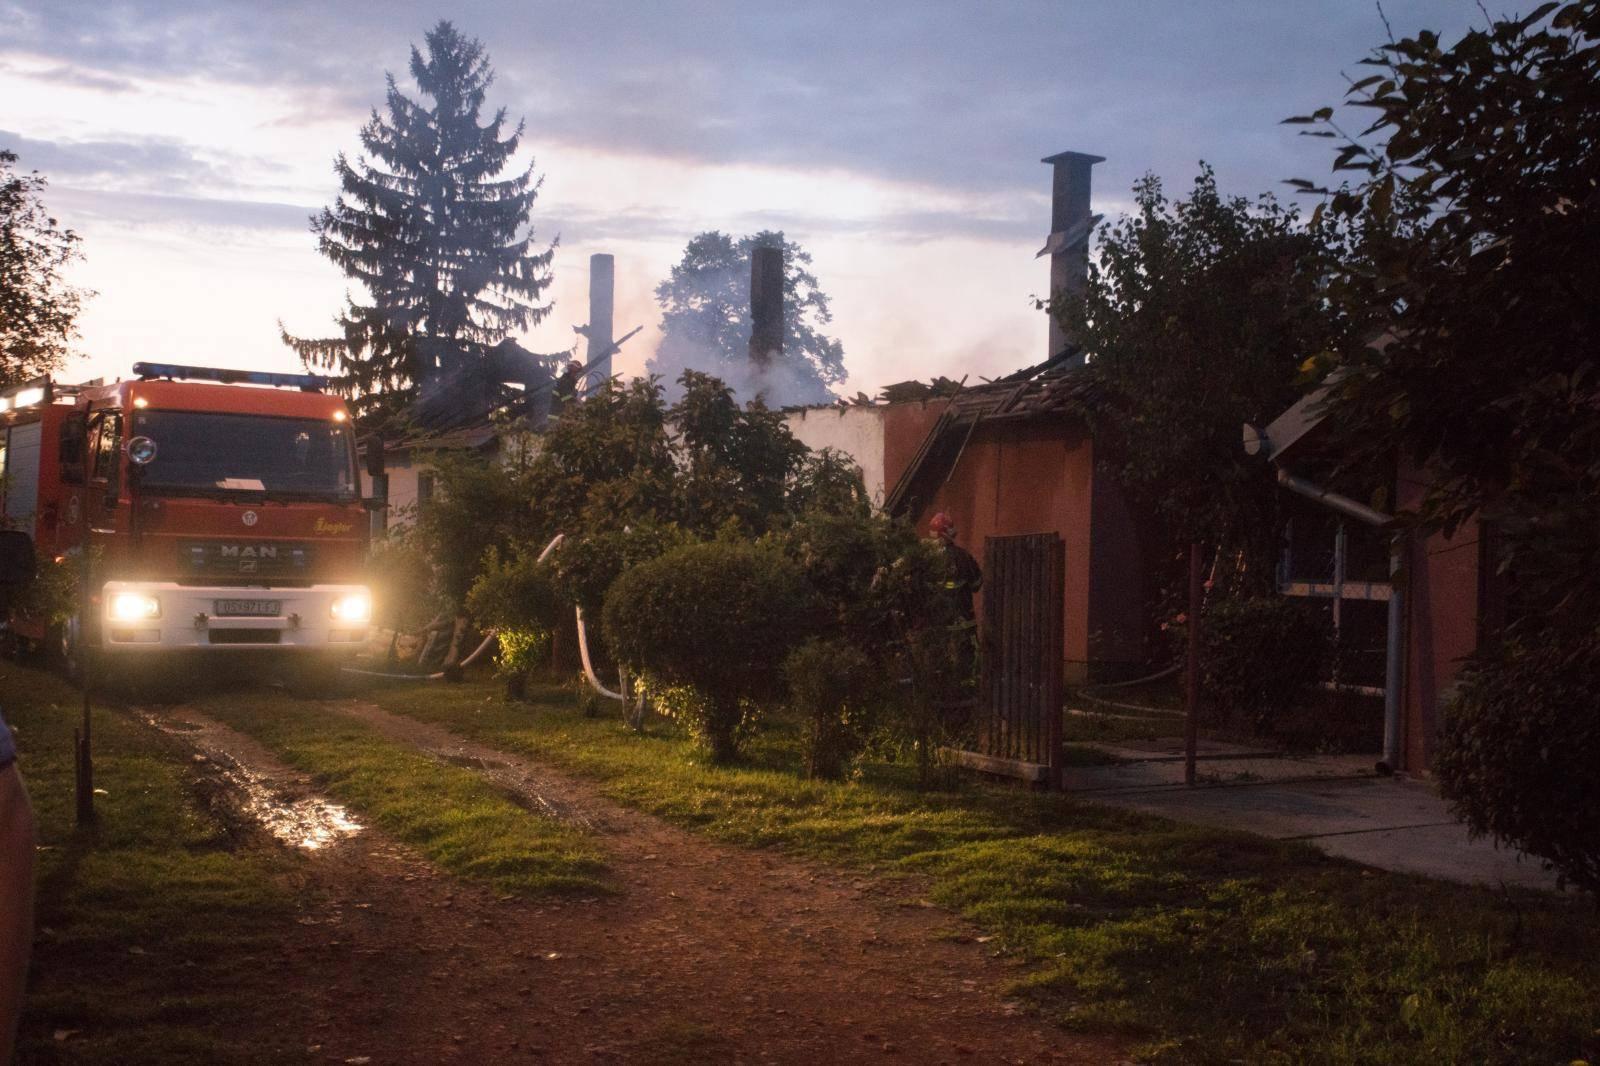 Kuća im izgorjela, a on obolio: 'Više nema ni moga Zvonimira'